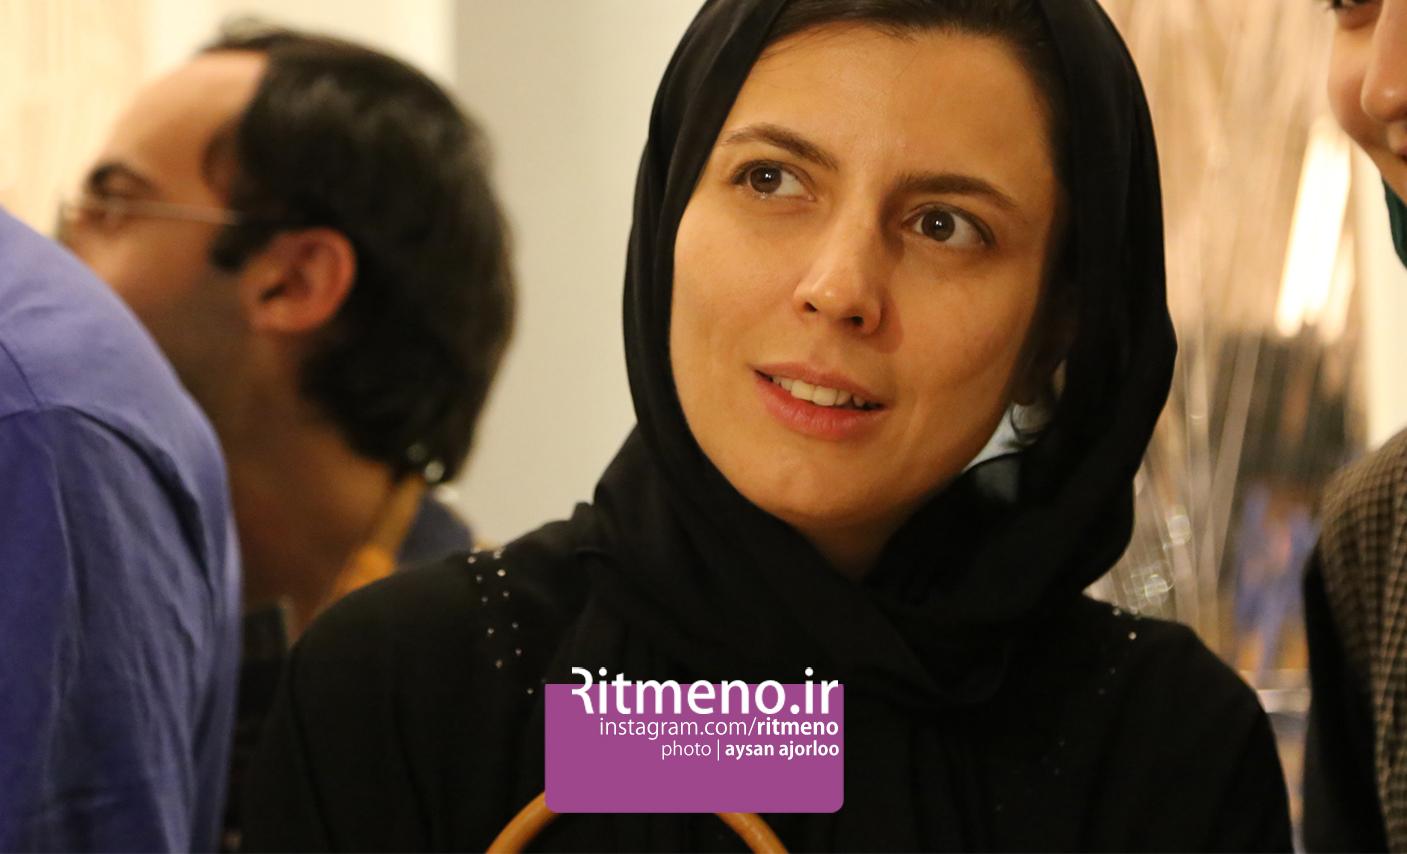 لیلا حاتمی و همسرش مراسم رونمایی از آلبوم موسیقی فیلم جدیدشان